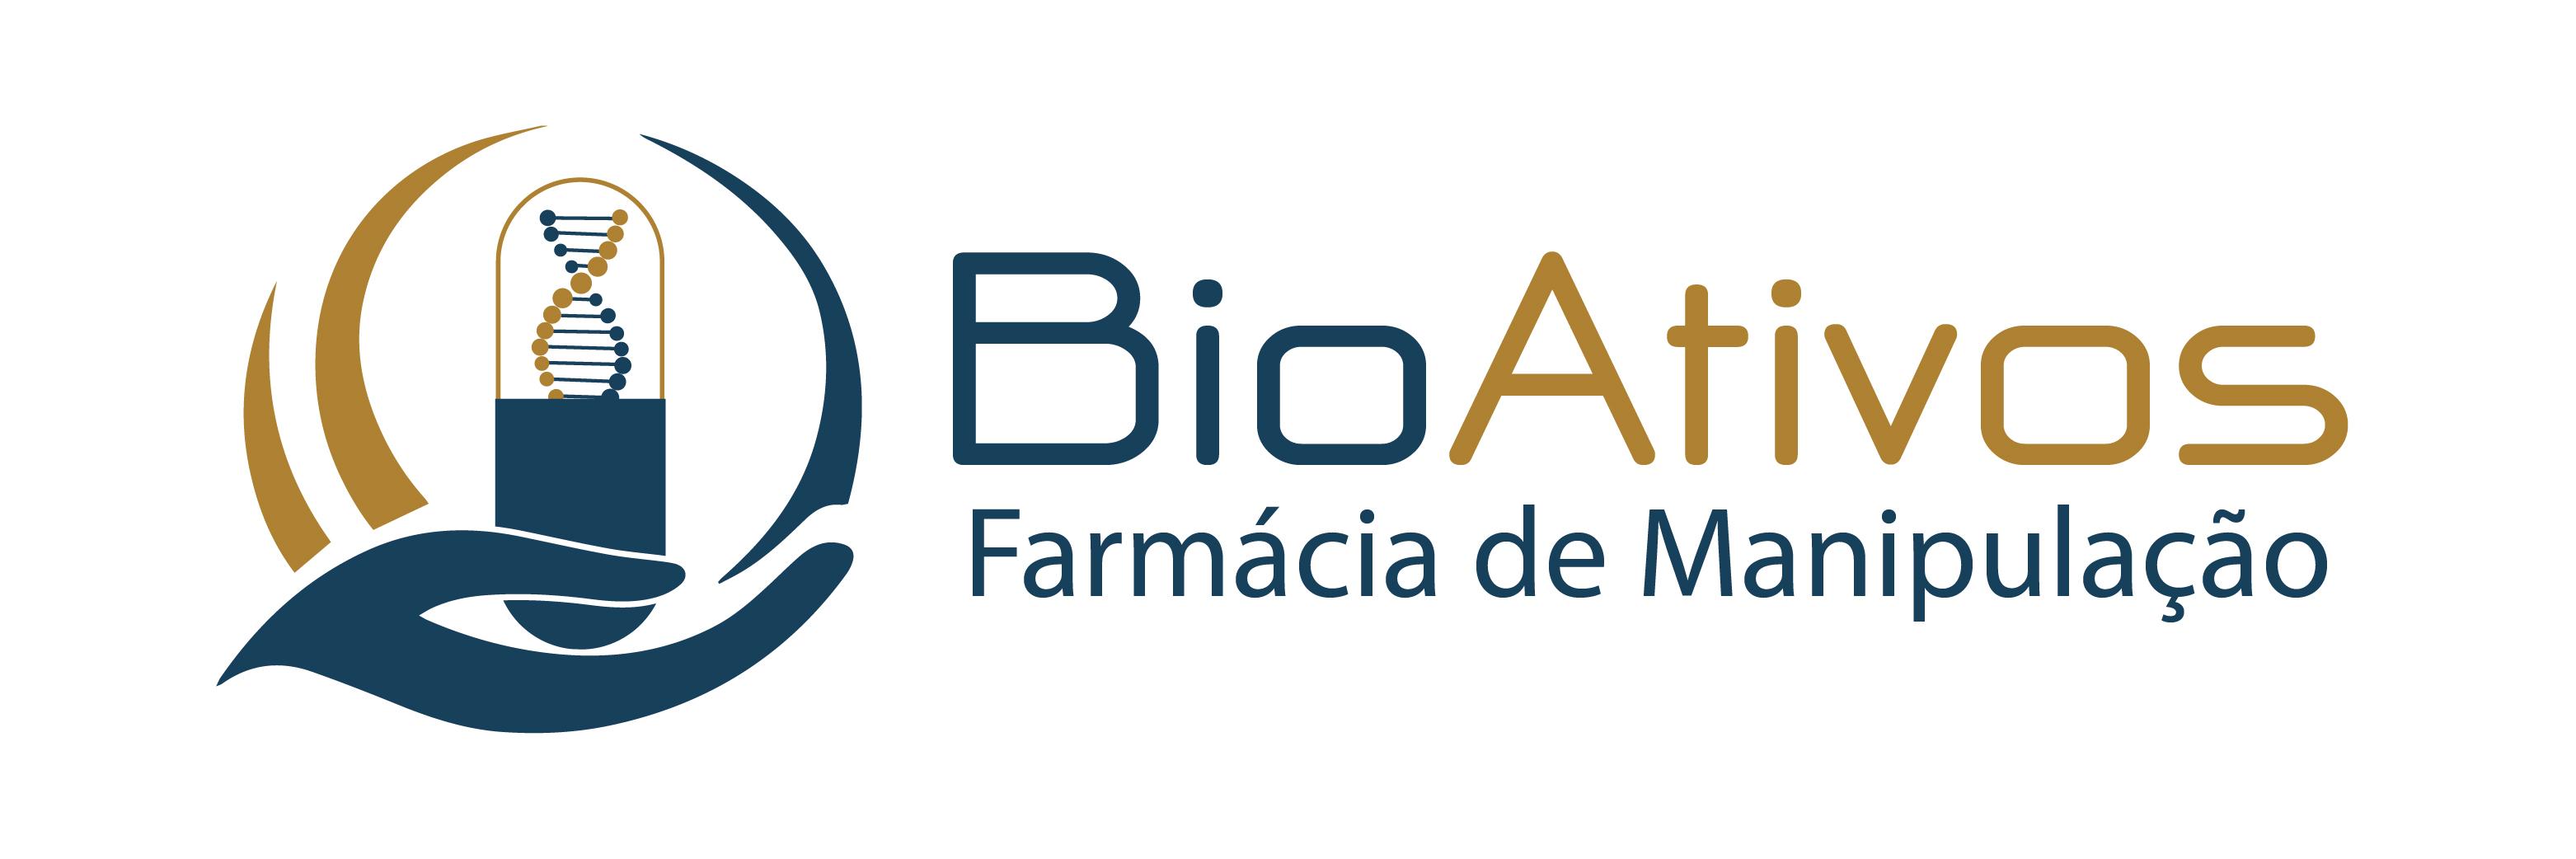 BioAtivos - Farmácia de Manipulação